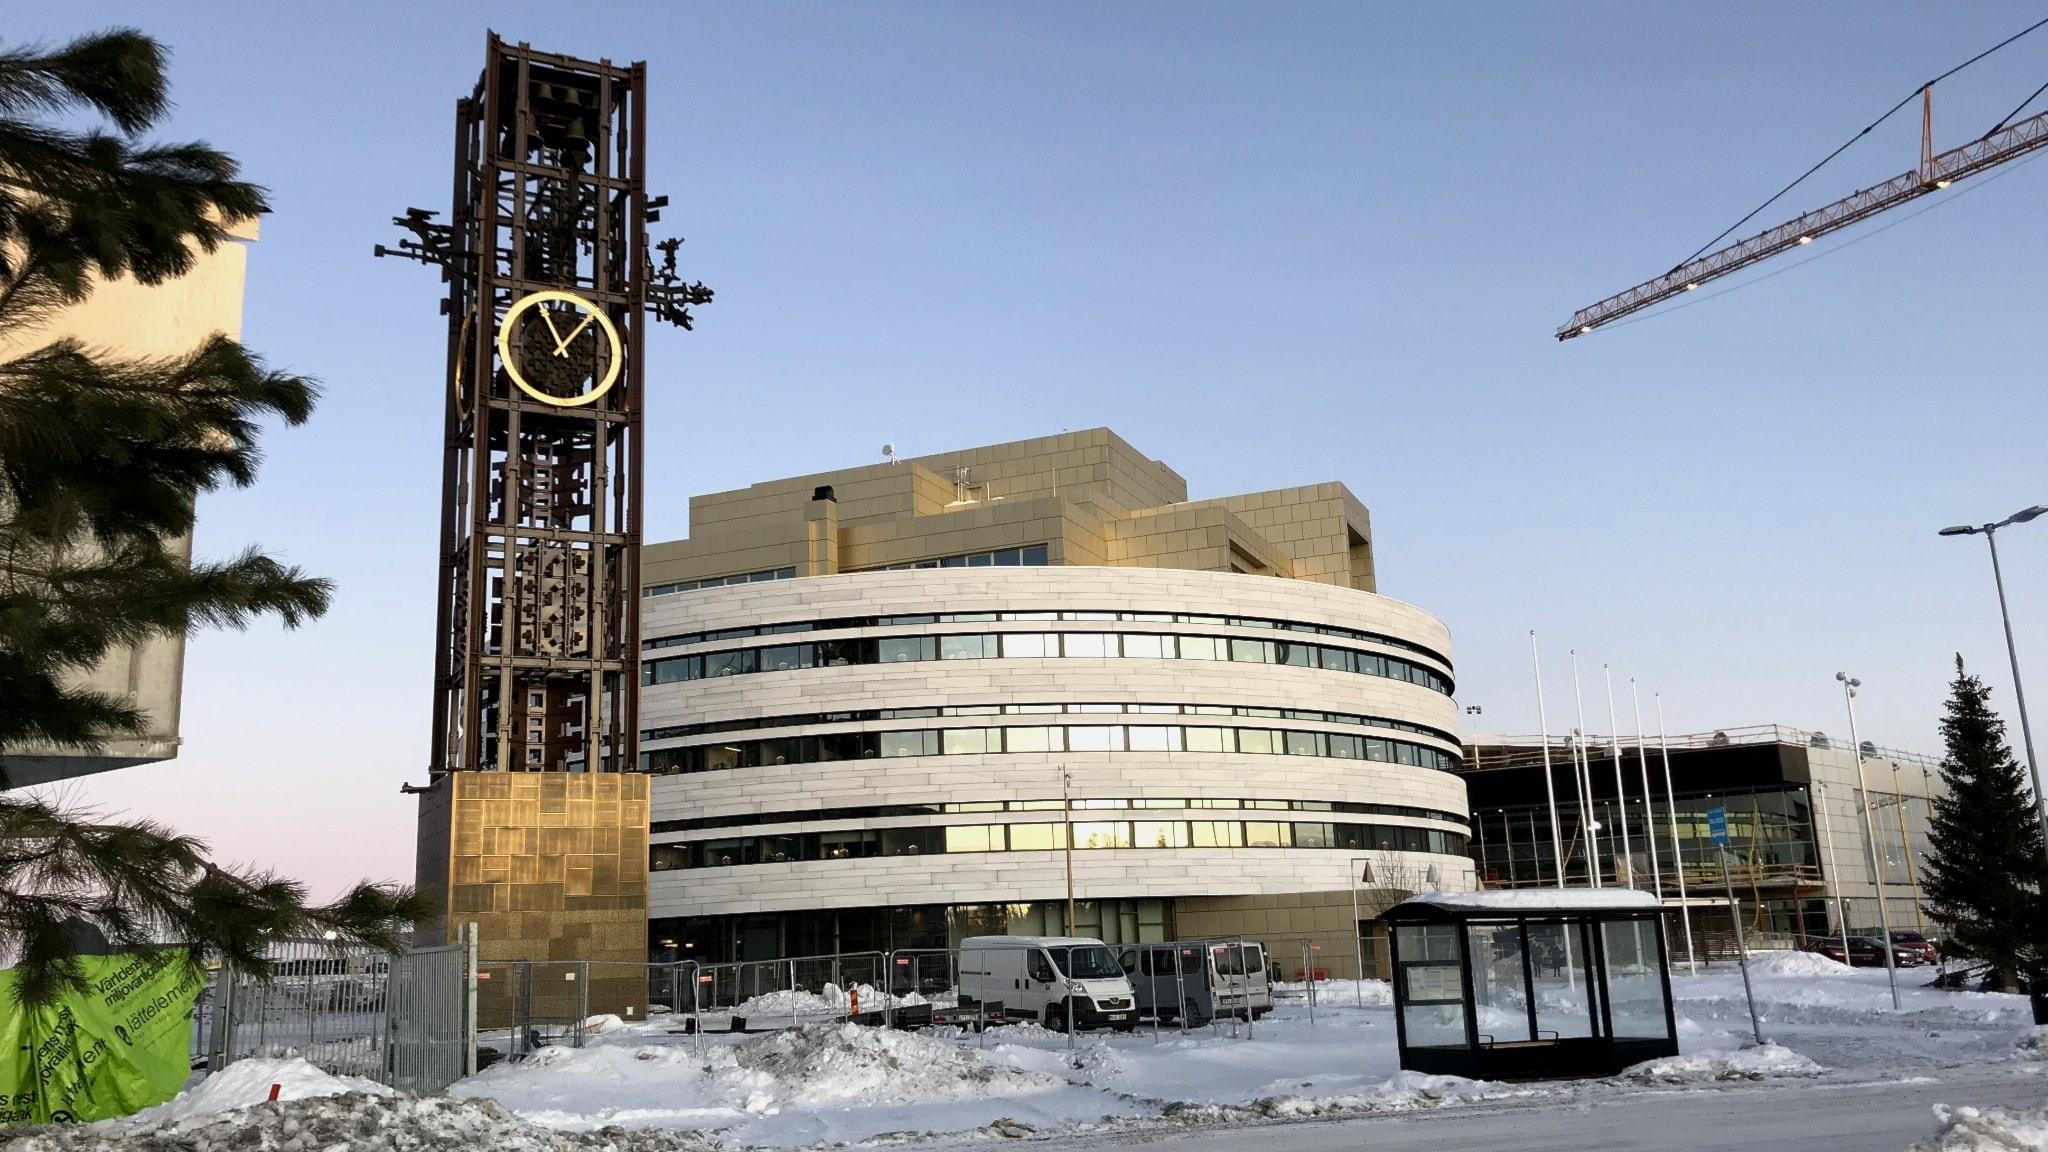 Det nya stadshuset och klocktornet i Kiruna.